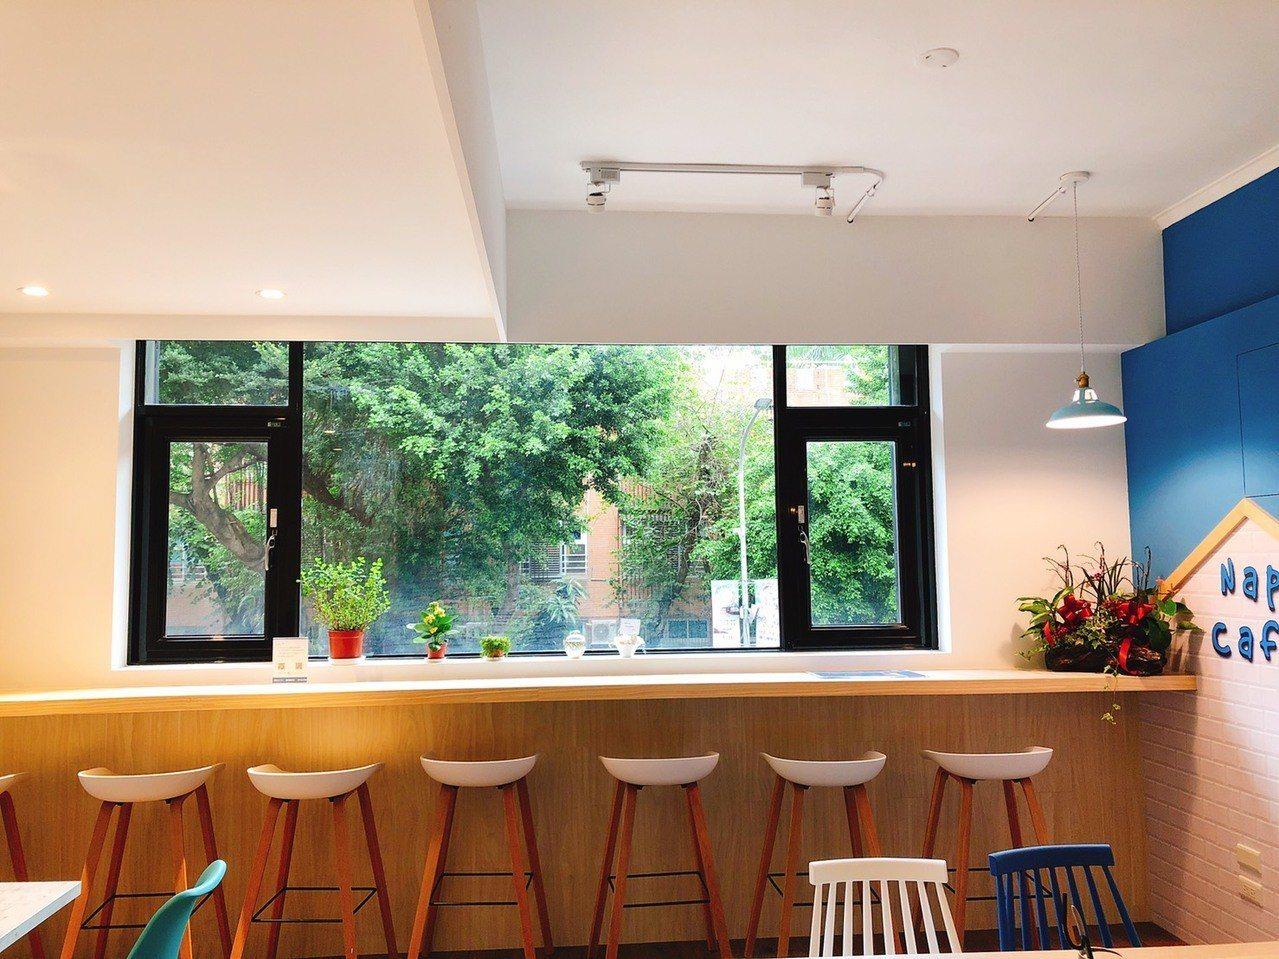 光線充足寧靜的美食餐點享用區。圖/取自小憩睡眠咖啡館粉絲團